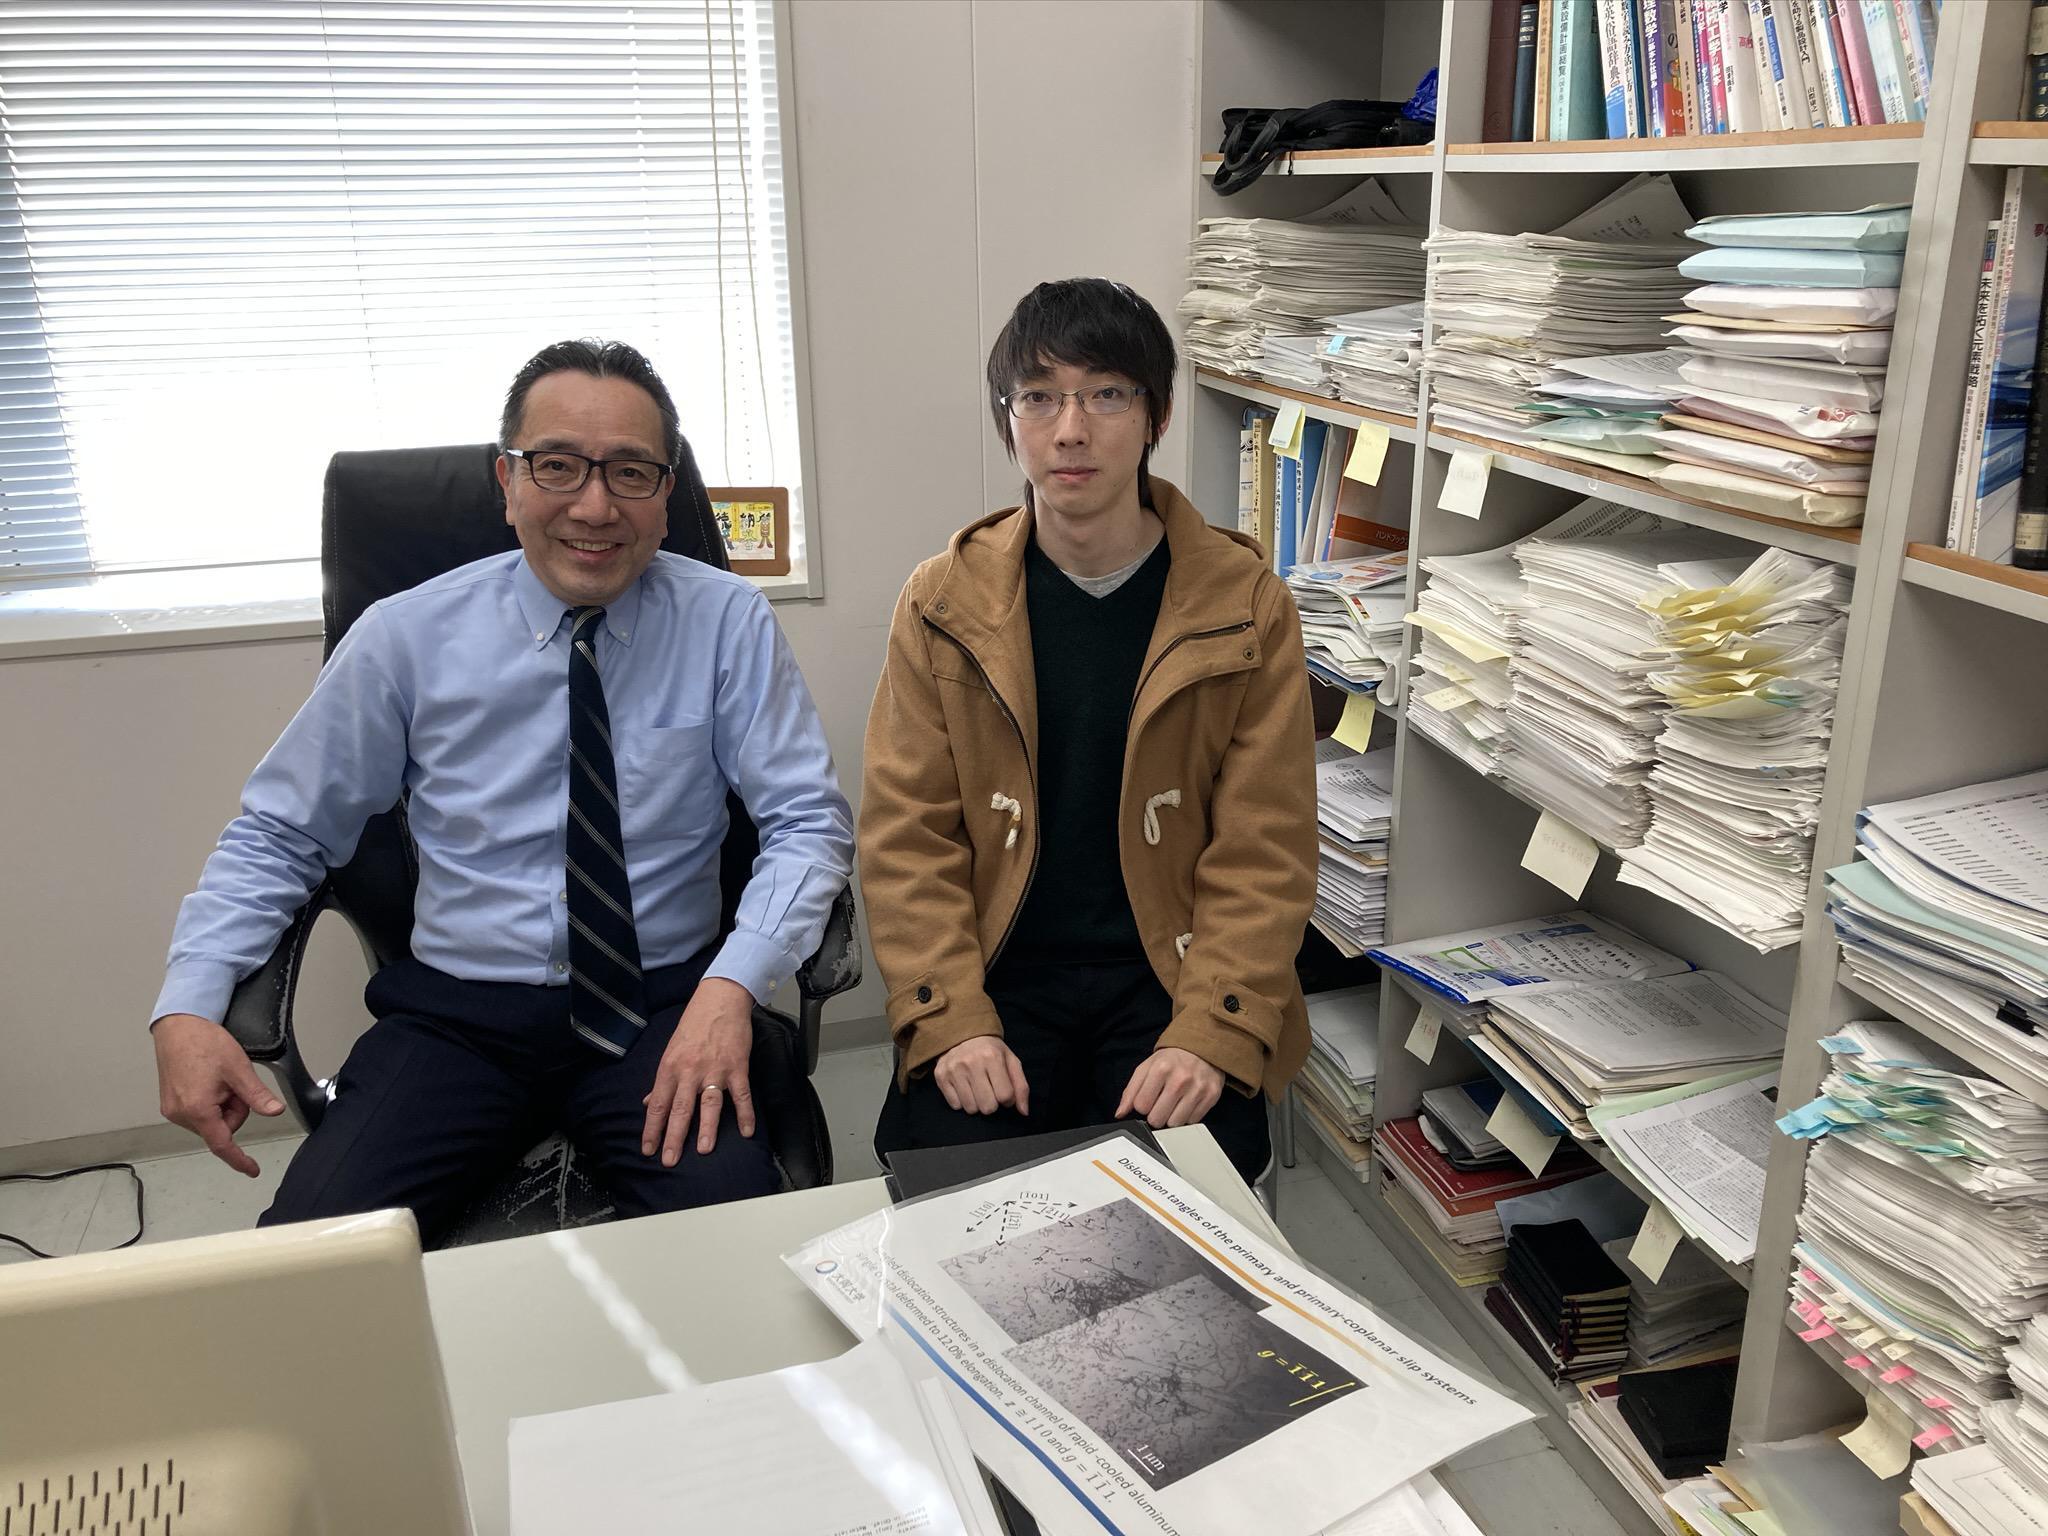 指導教員の徳納一成教授(左)と福岡稜馬さん(右)